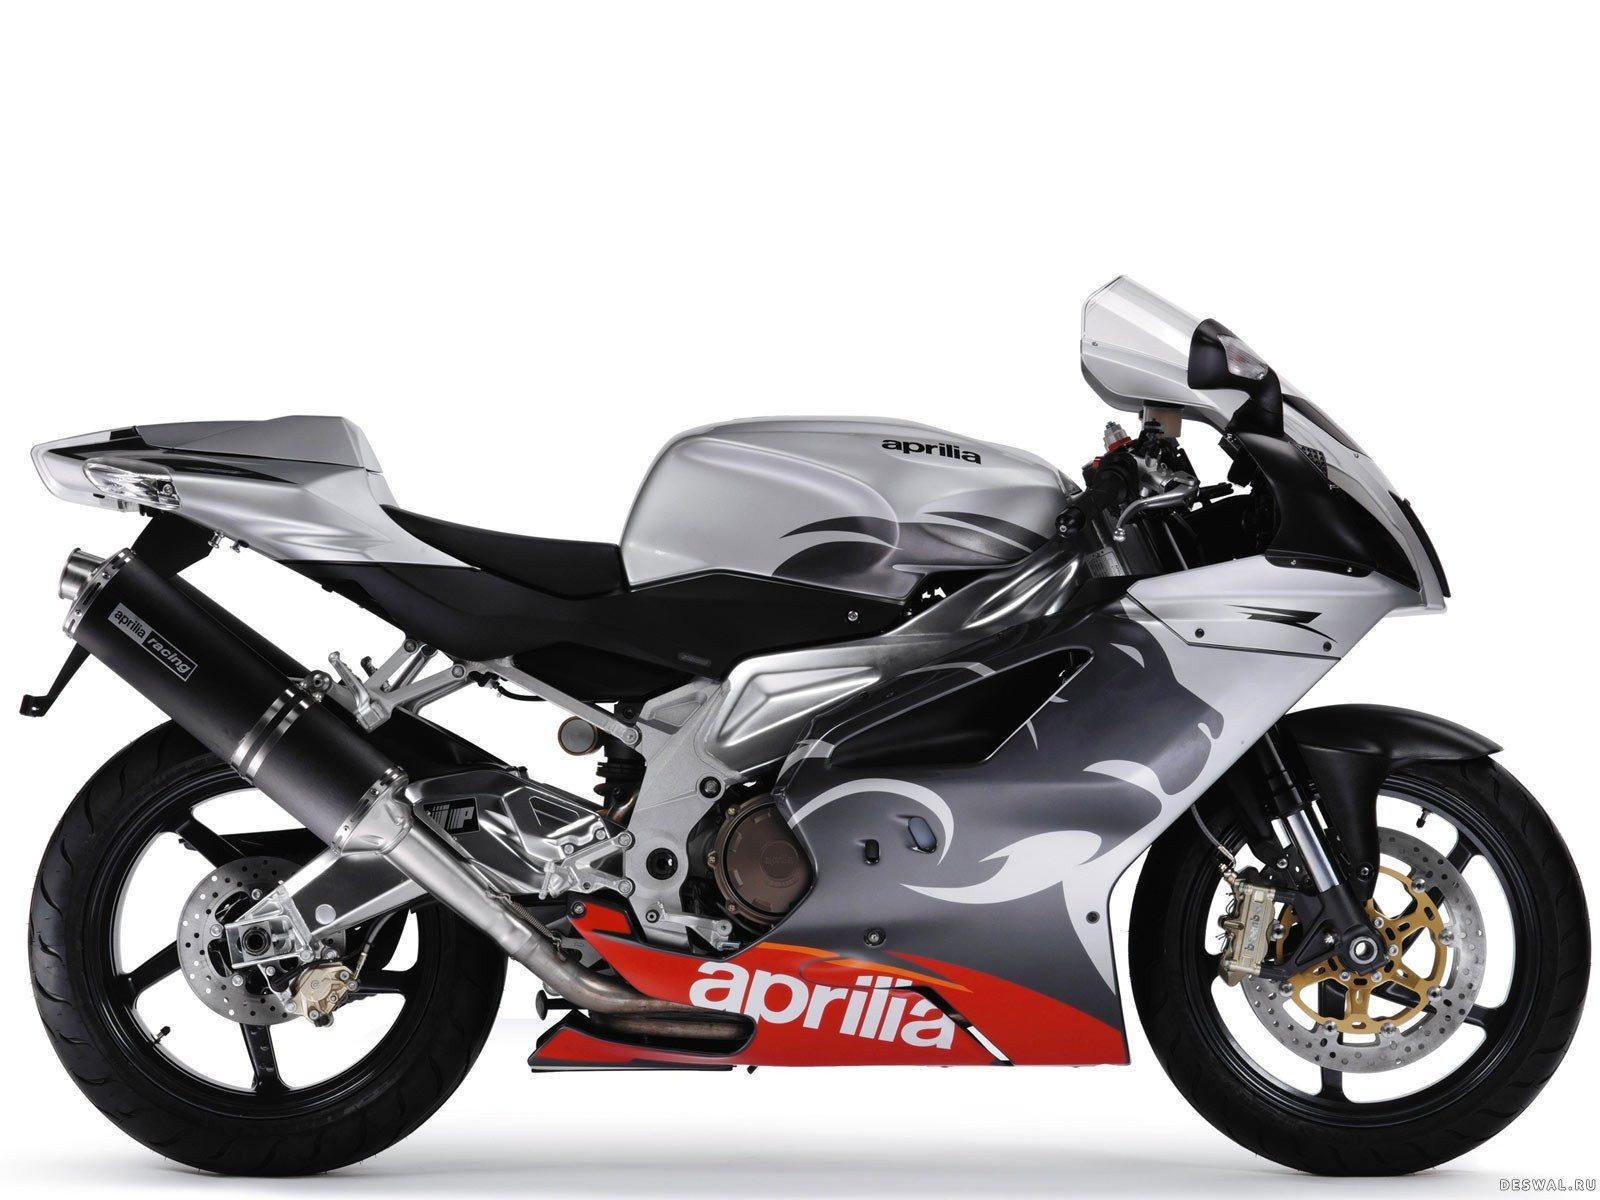 Aprilia на отличной фотообои.. Нажмите на картинку с обоями мотоцикла aprilia, чтобы просмотреть ее в реальном размере